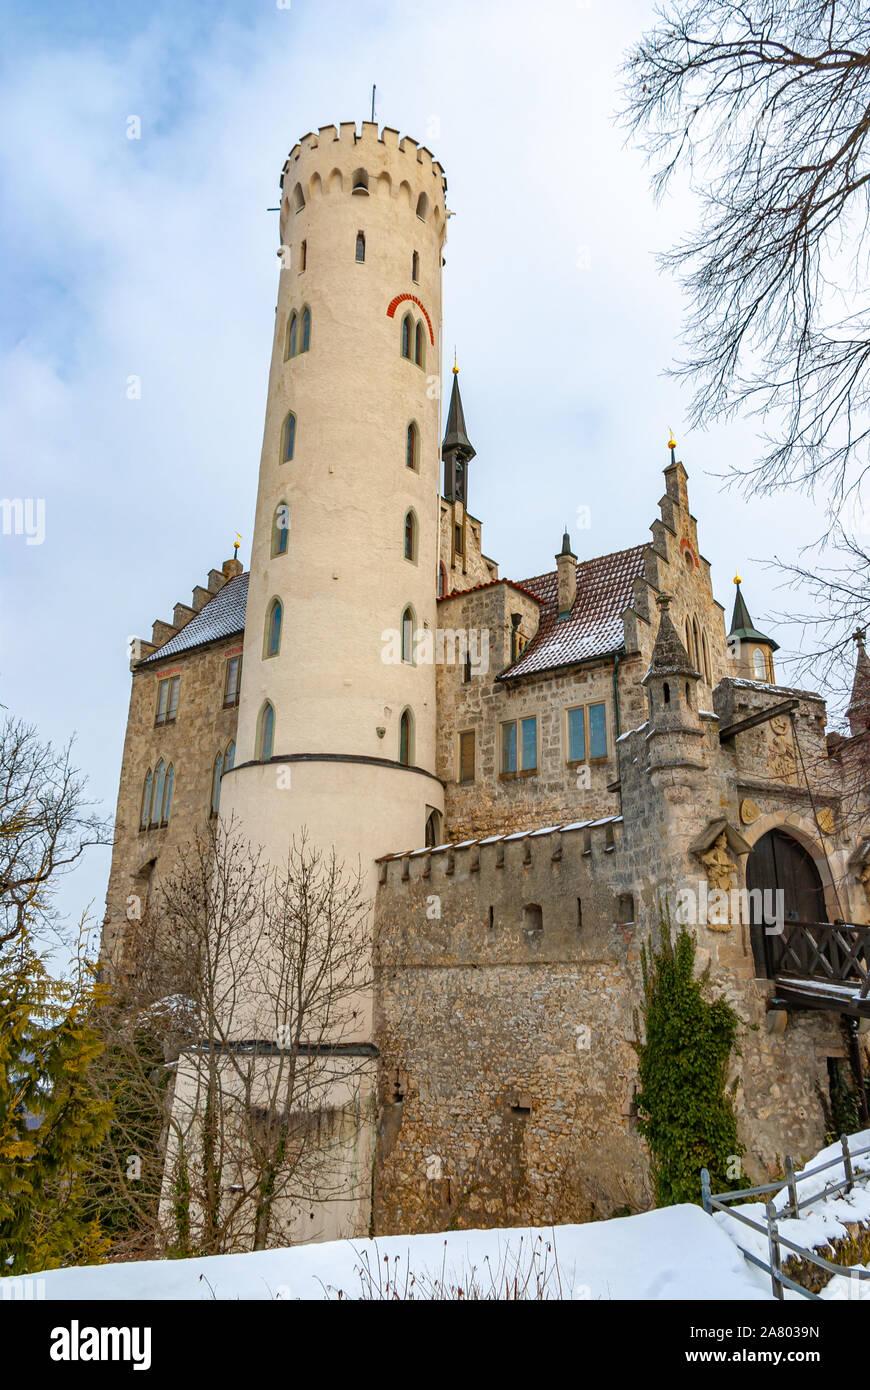 Innerhalb der Tore des Schönen winterlichen Schloss Lichtenstein, Schwäbische Alb, Baden-Württemberg, Deutschland. Stockfoto